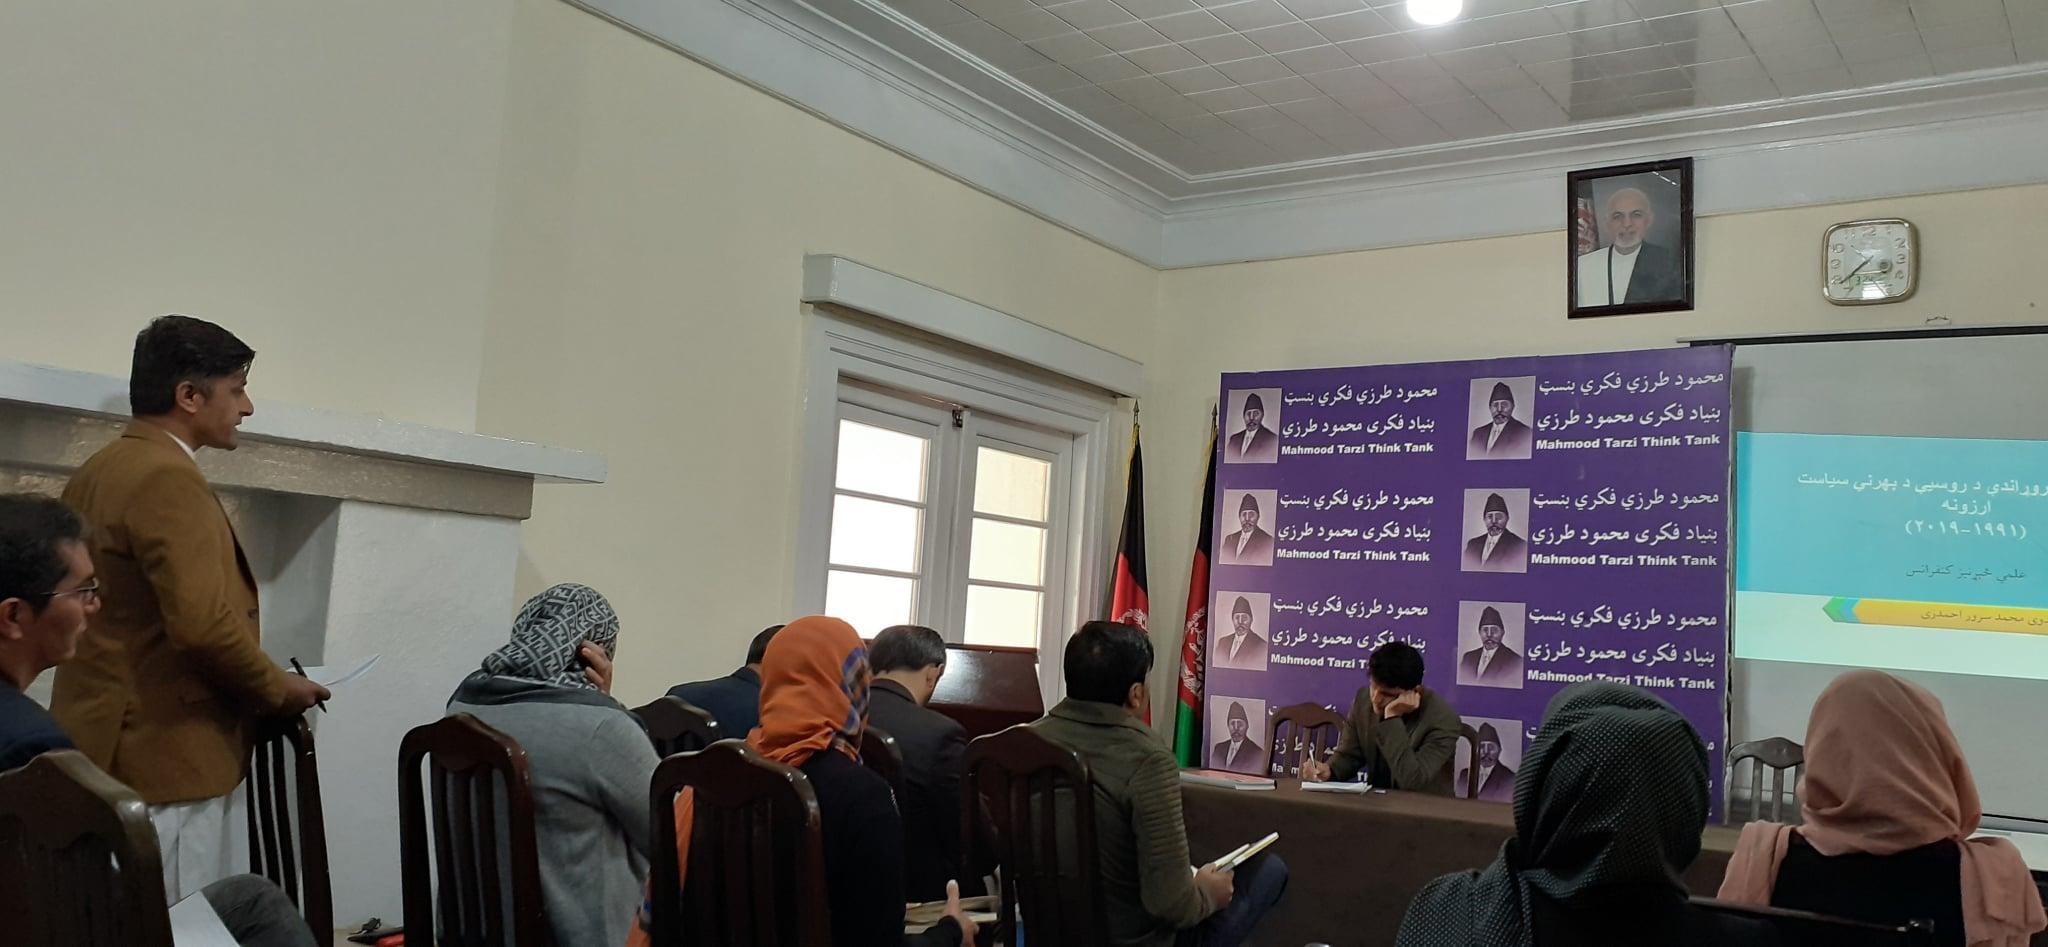 د افغانستان پر وړاندې د روسيې د بهرني سياست ارزونه (۱۹۹۱- ۲۰۱۹ز.کال)